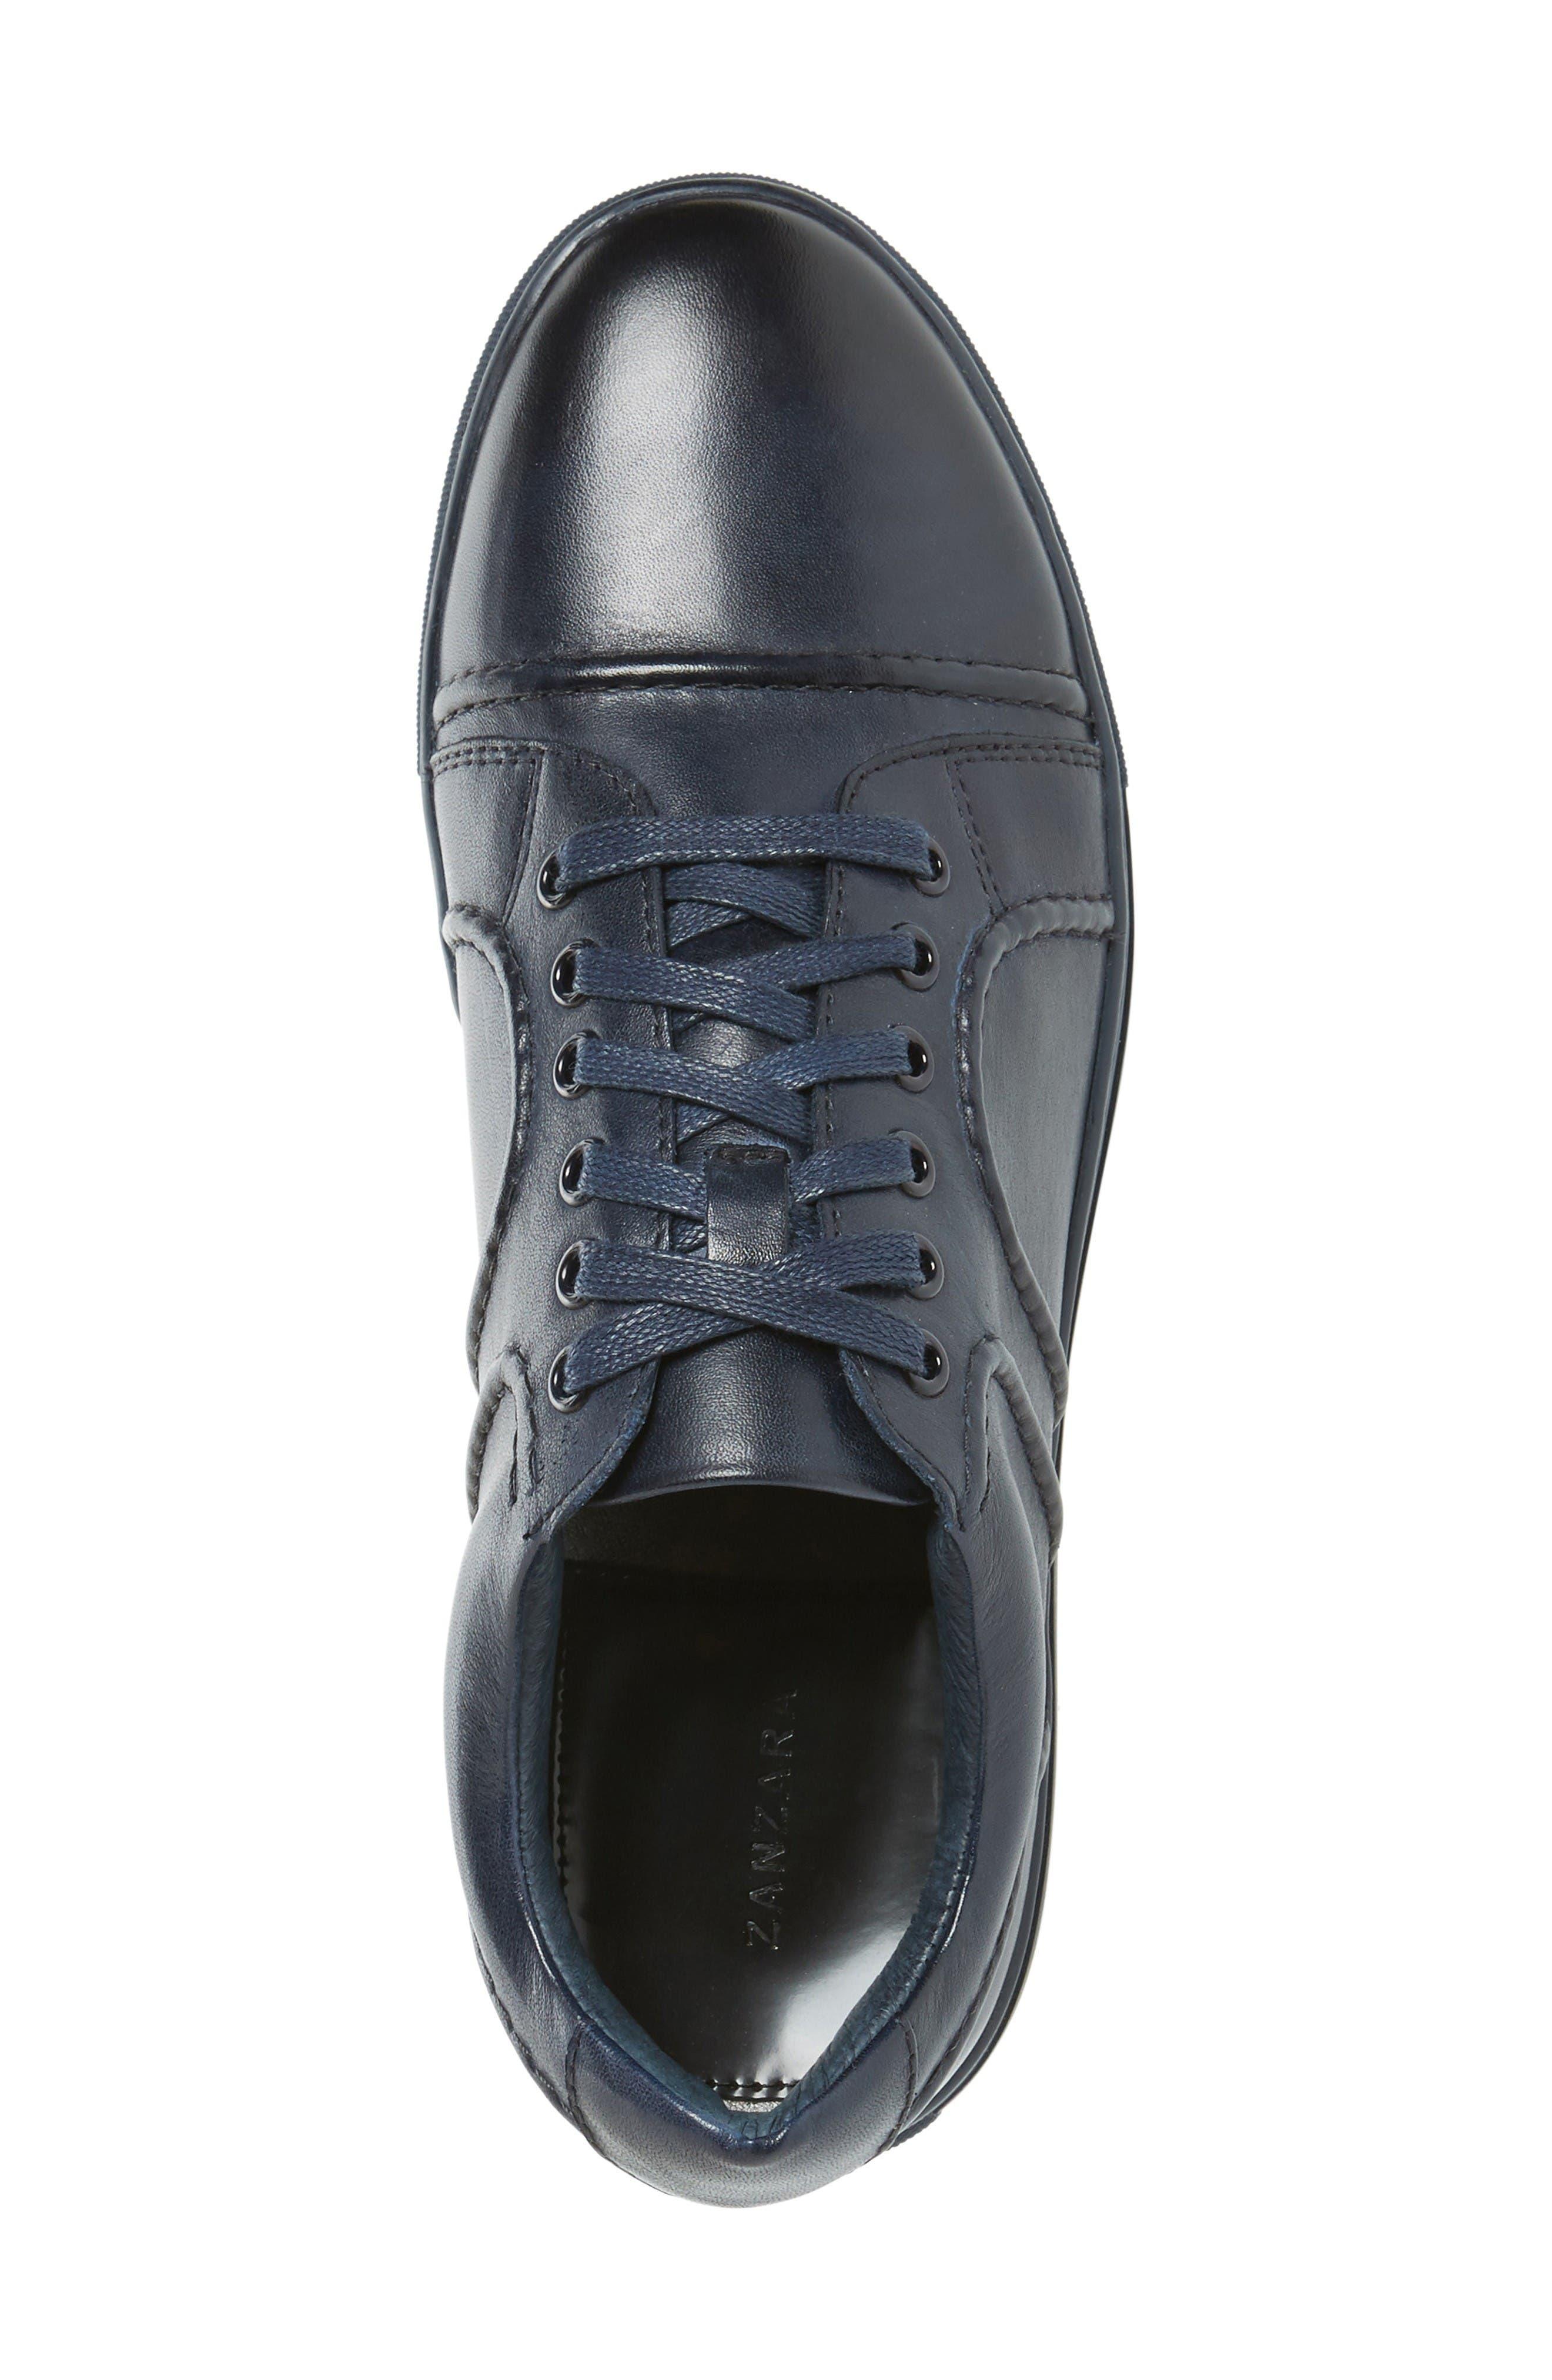 Alternate Image 3  - Zanzara 'Echo' Sneaker (Men)